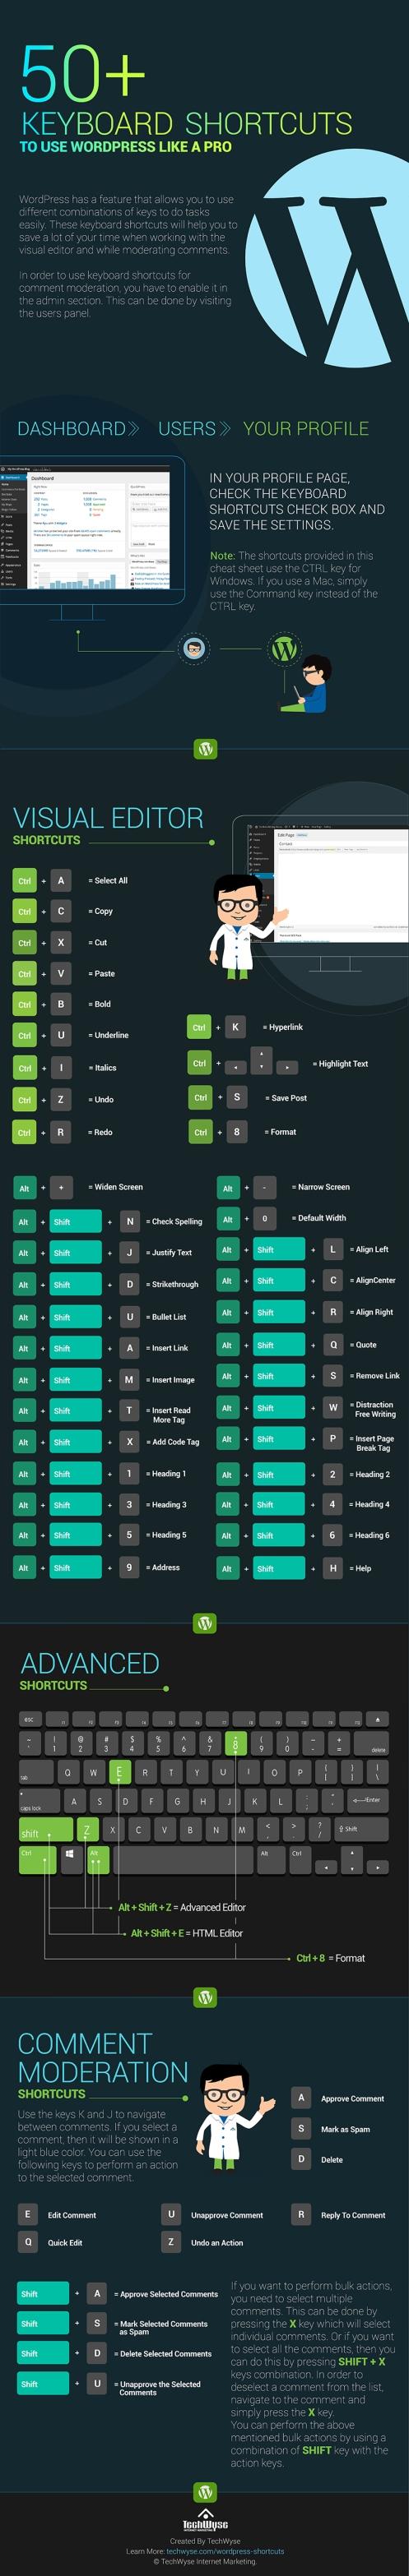 50-Keyboard-shortcuts-to-use-WordPress-like-a-Pro1-1